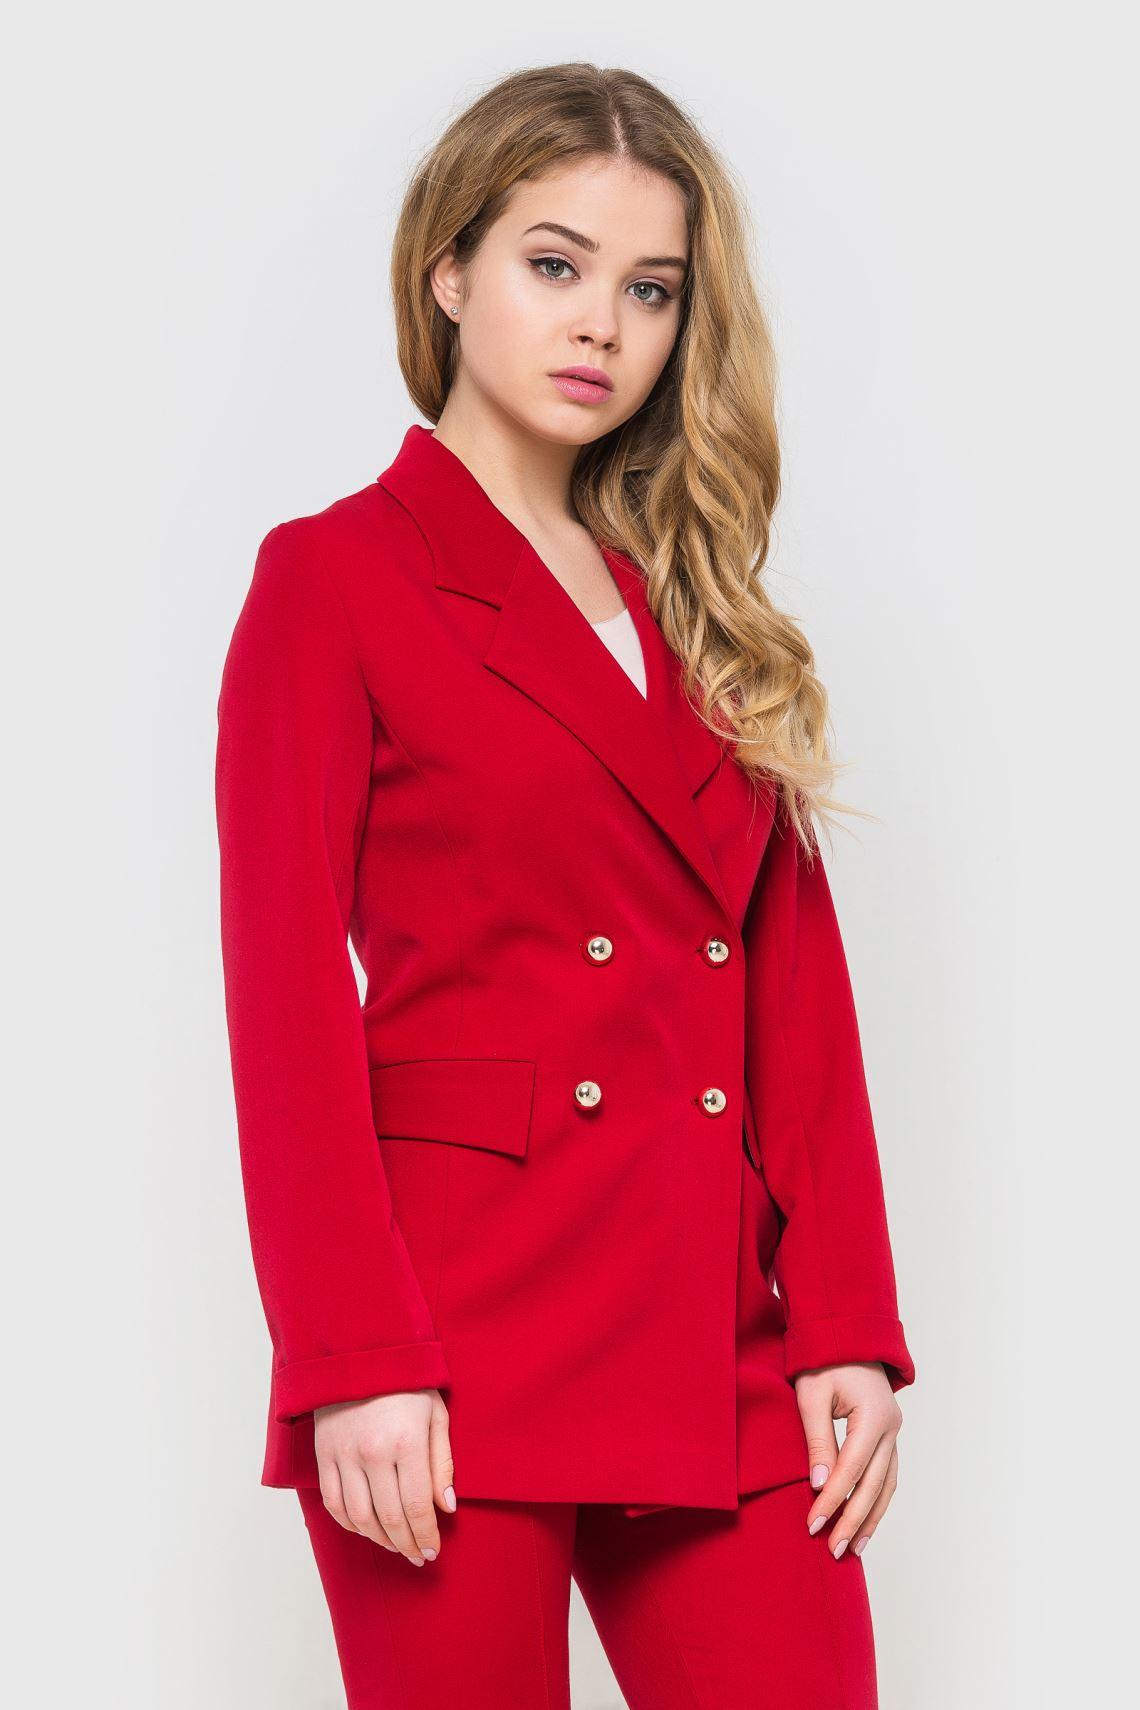 Жакет жіночий (піджак) червоний із золотими гудзиками  785509f0a5901